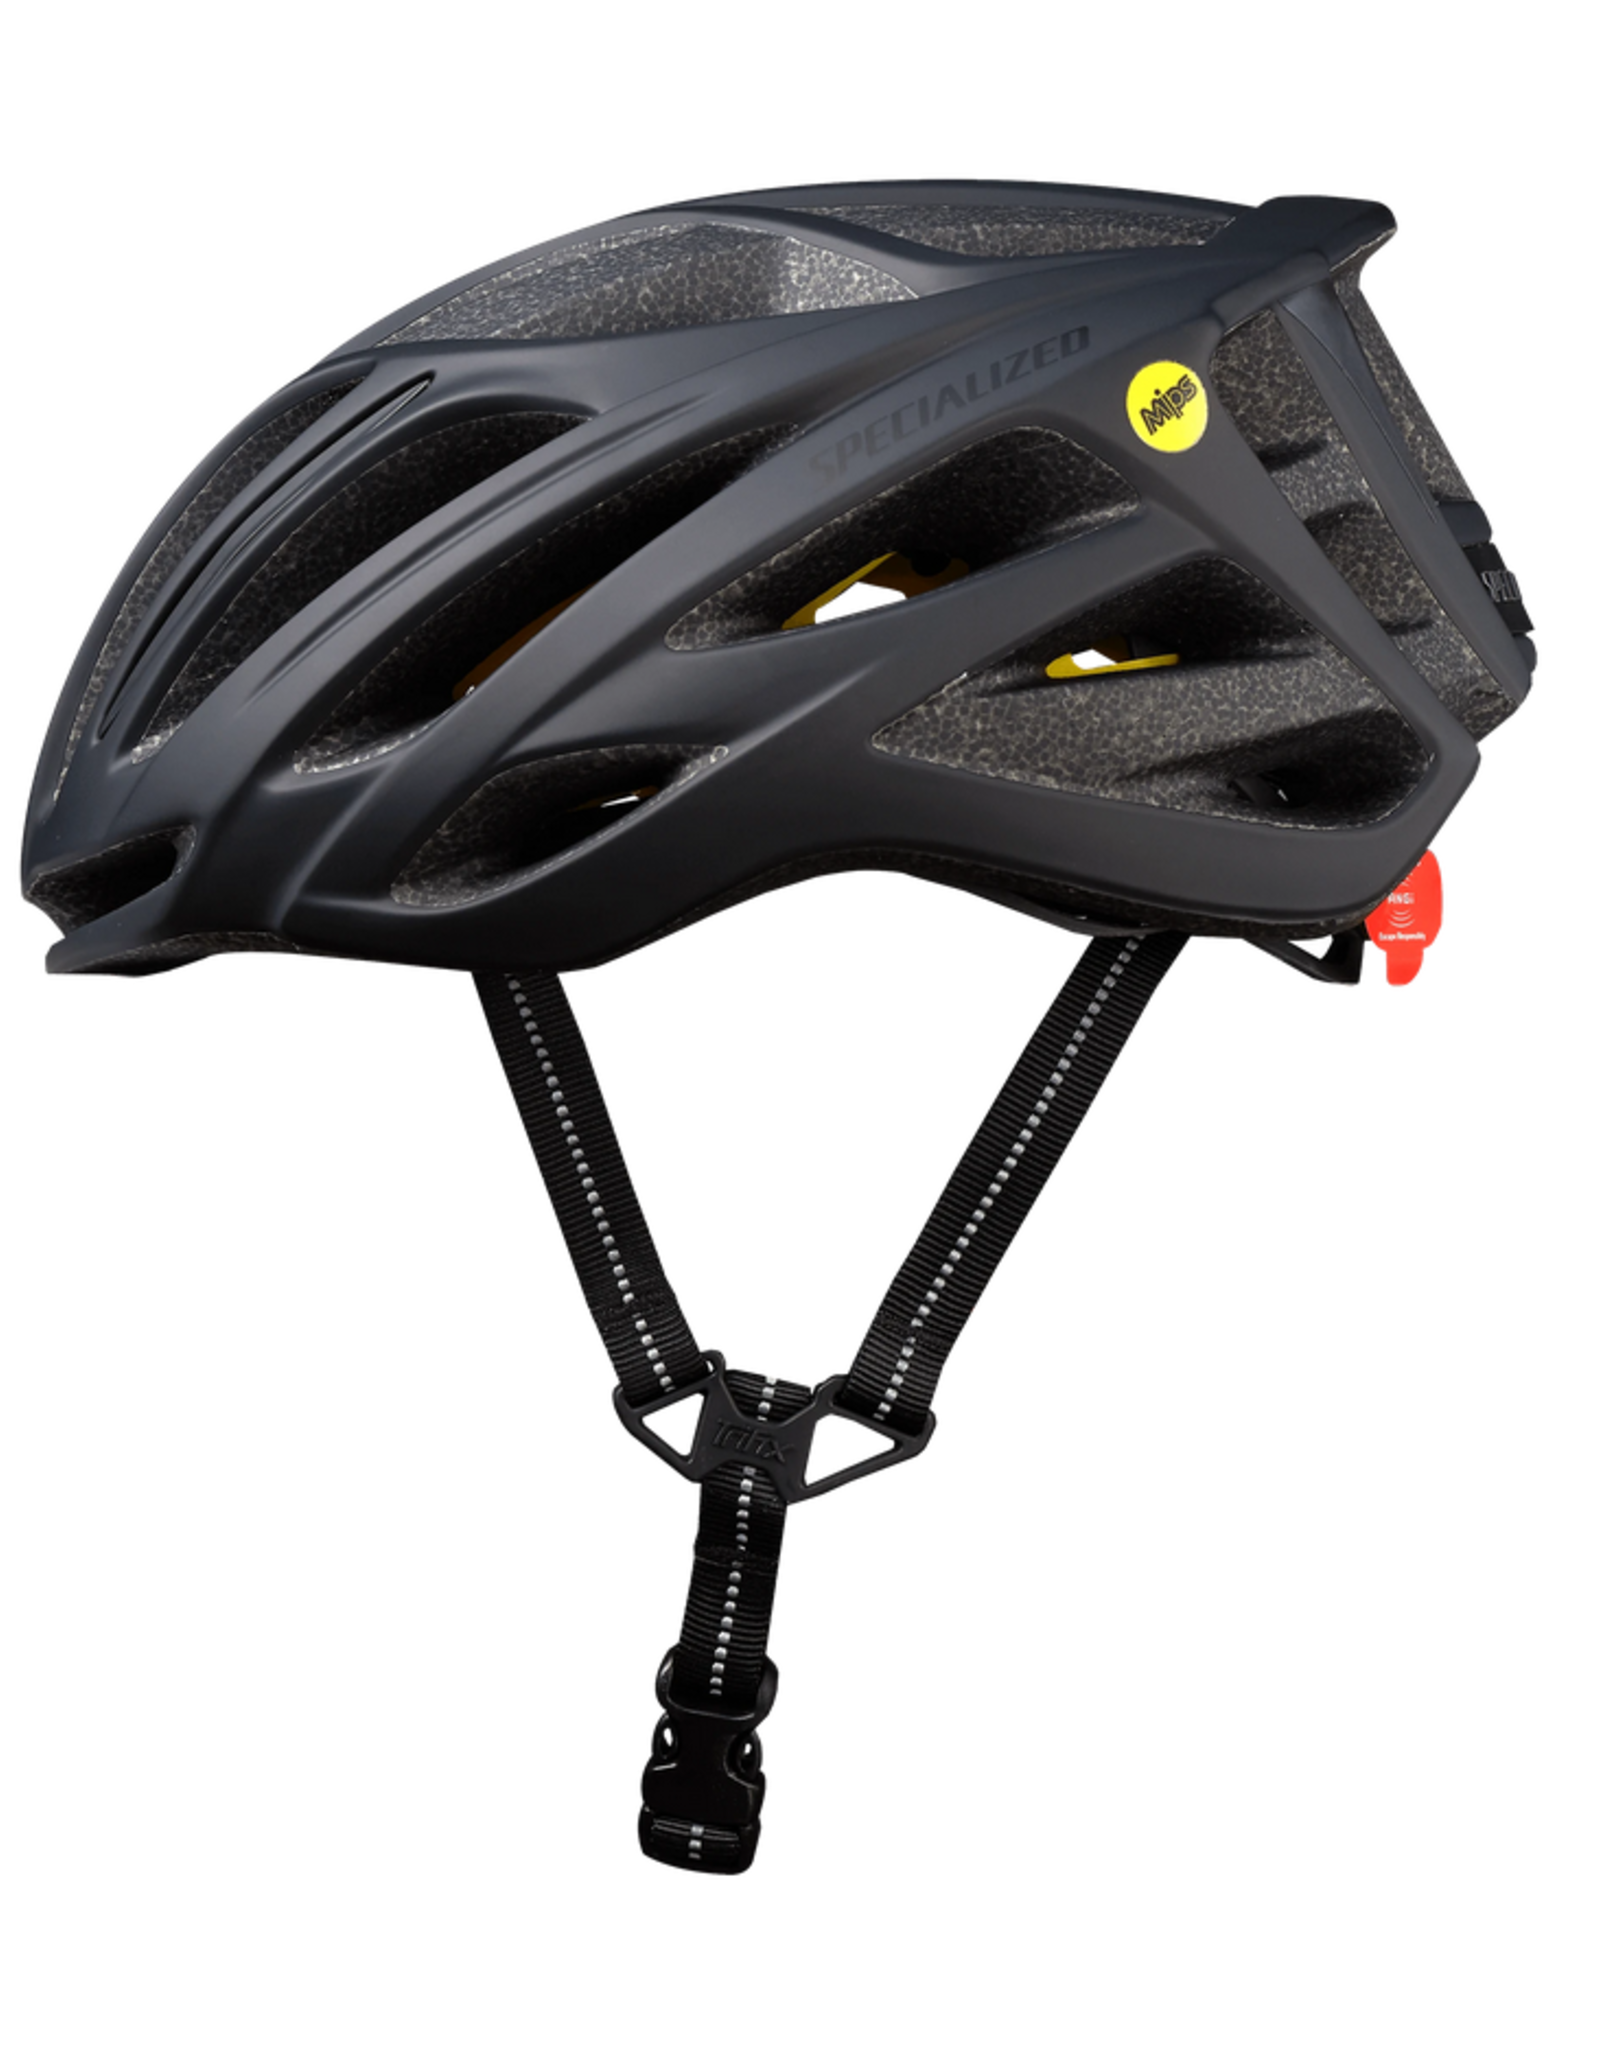 Specialized Helmet - Specialized Echelon II (with MIPS)